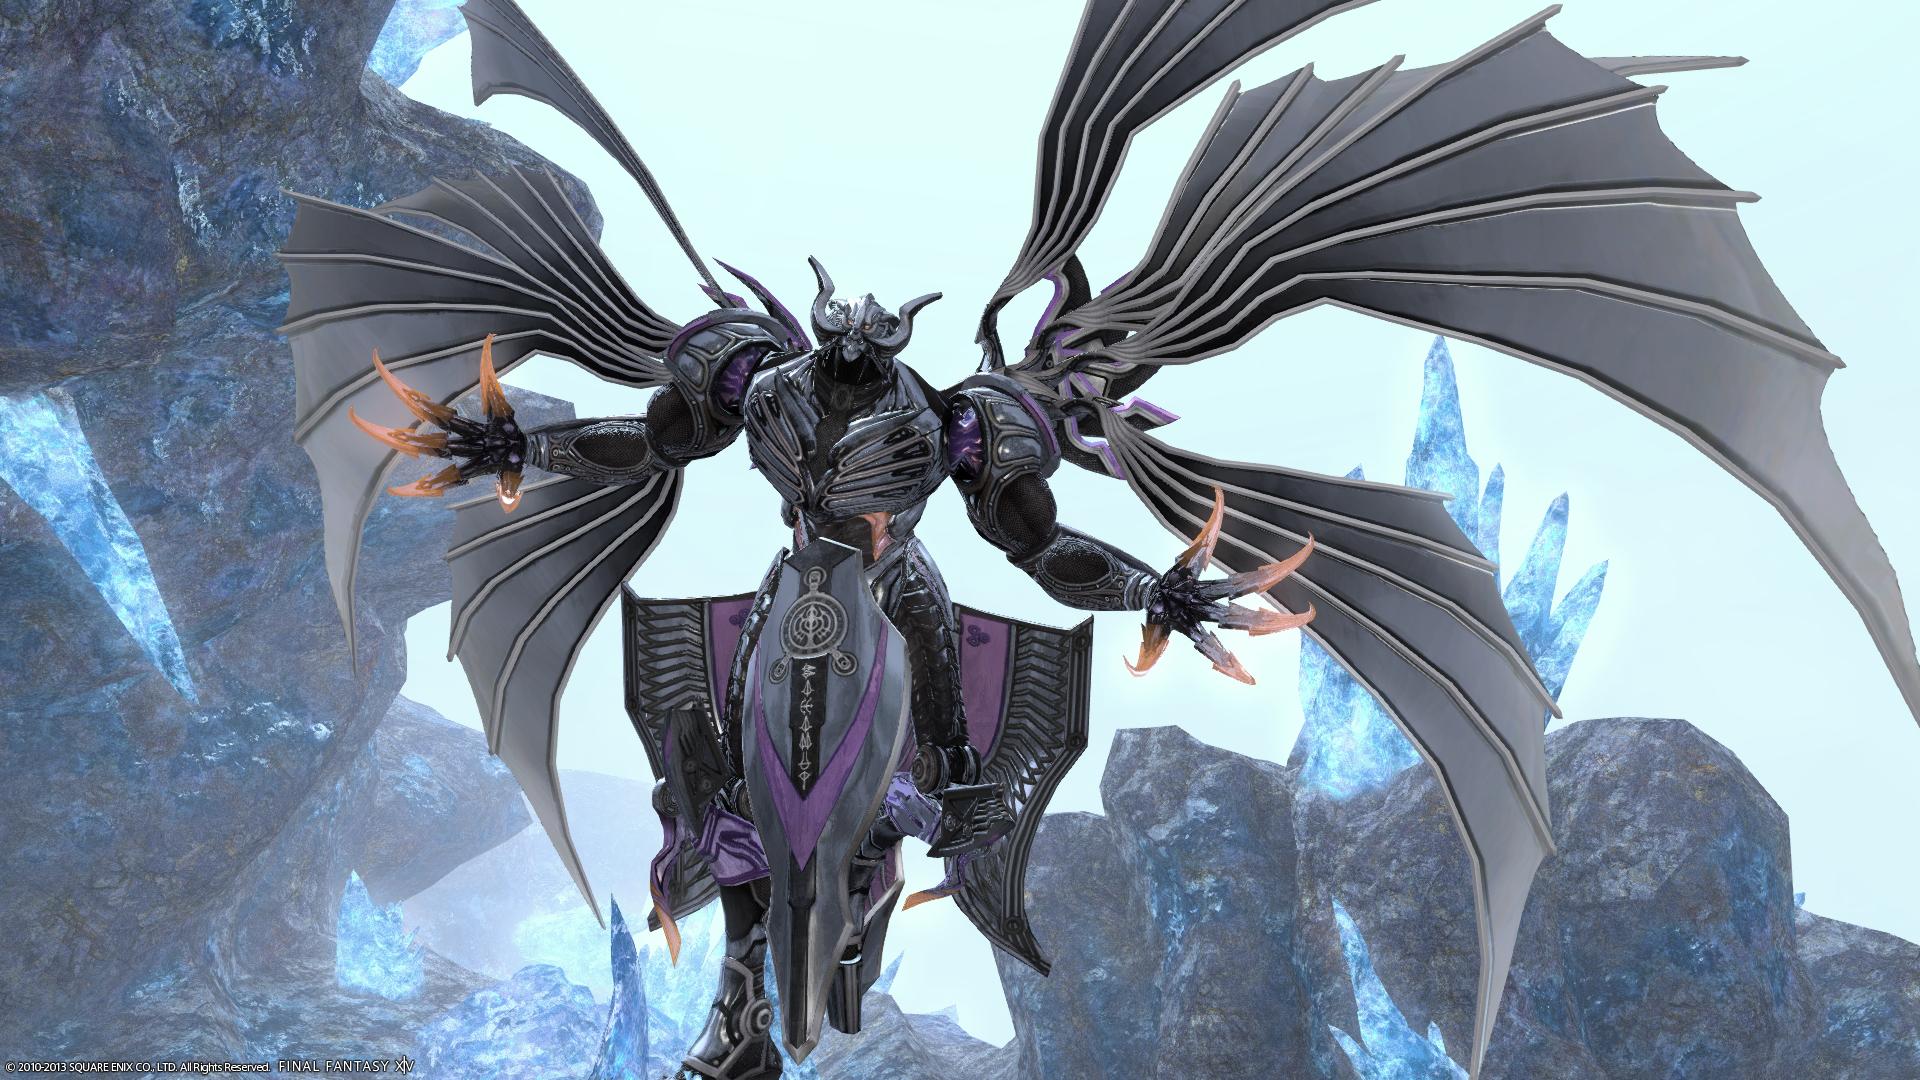 Bahamut (Final Fantasy XIV)